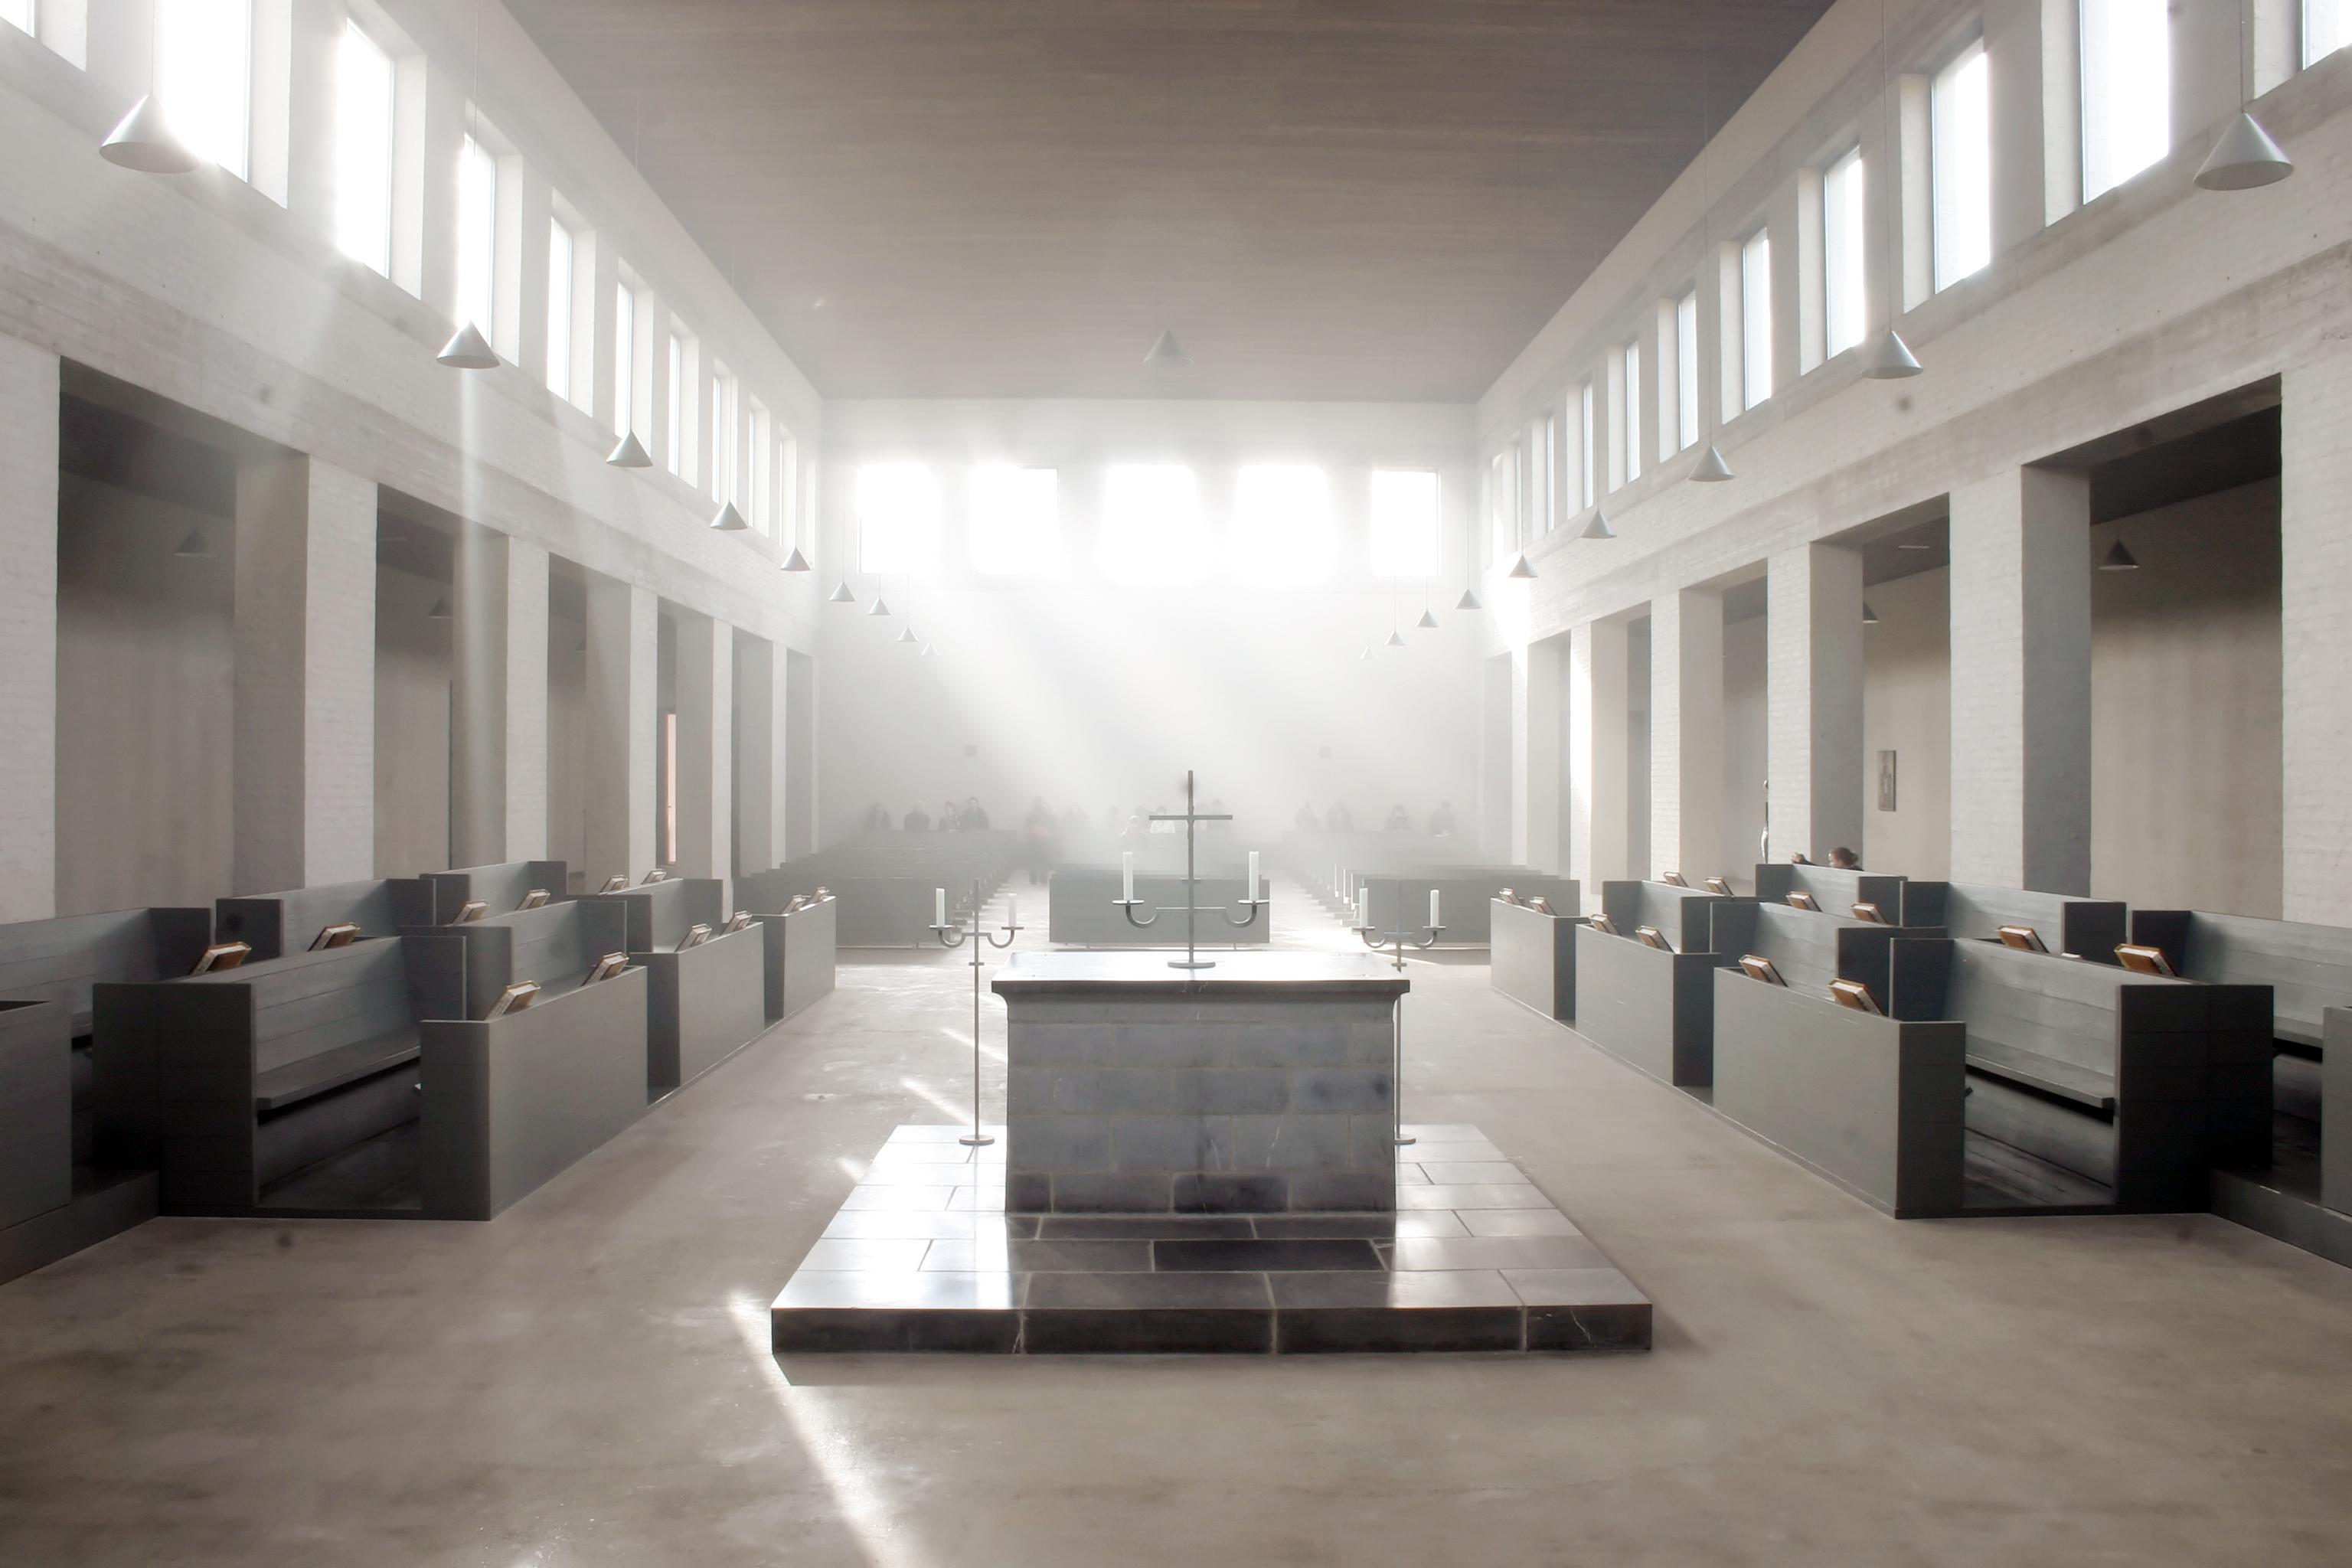 Exkursion entwerfen und raumgestaltung for Universitat architektur